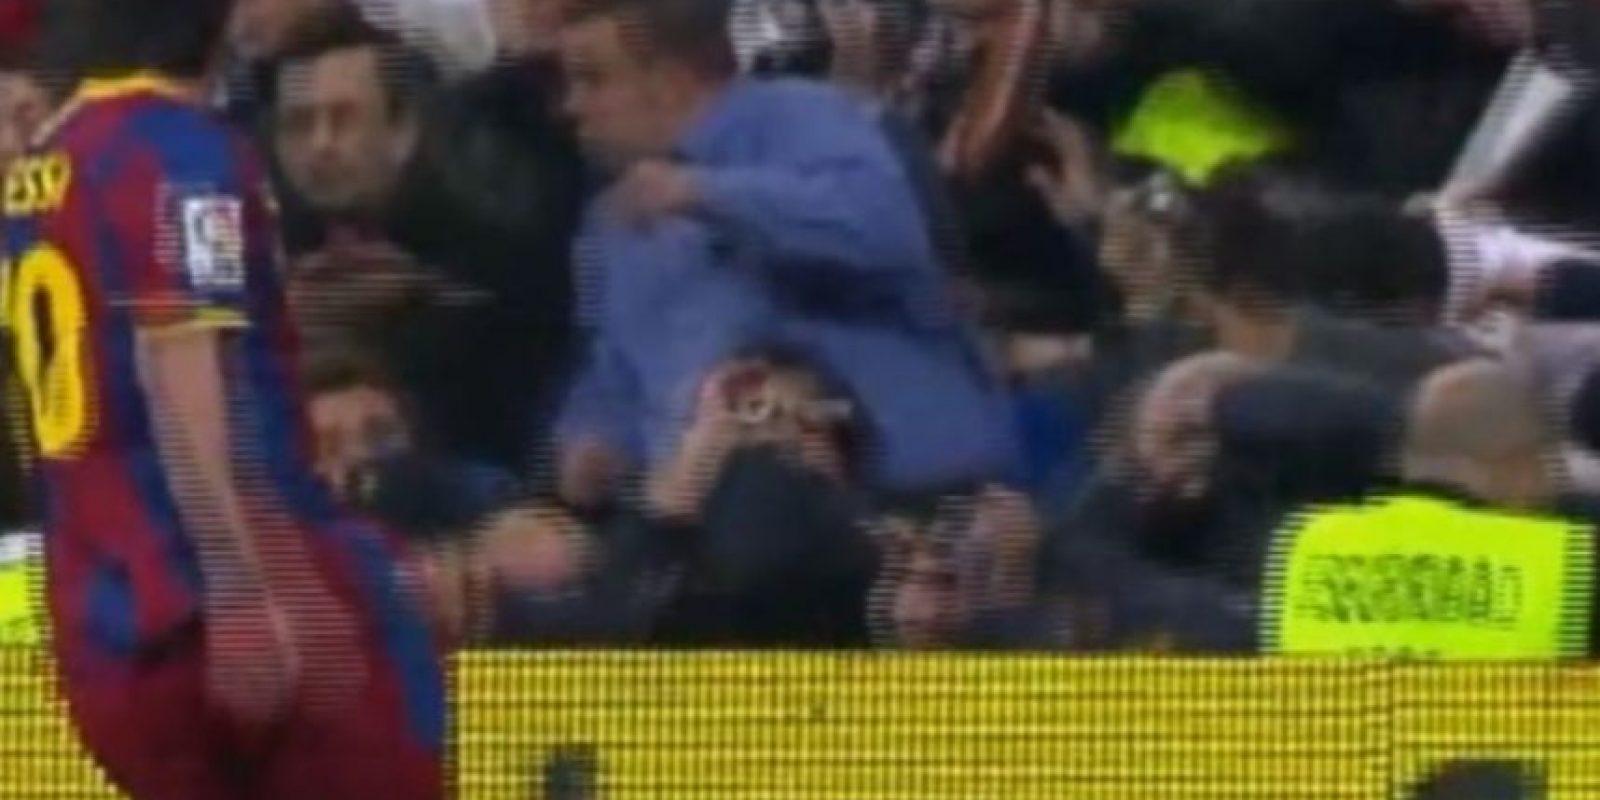 En un clásico ante Real Madrid, le tiró un pelotazo a los hinchas merengues que reprobaron su acción, al igual que los futbolistas blancos. Foto:Youtube: movioladefutbol